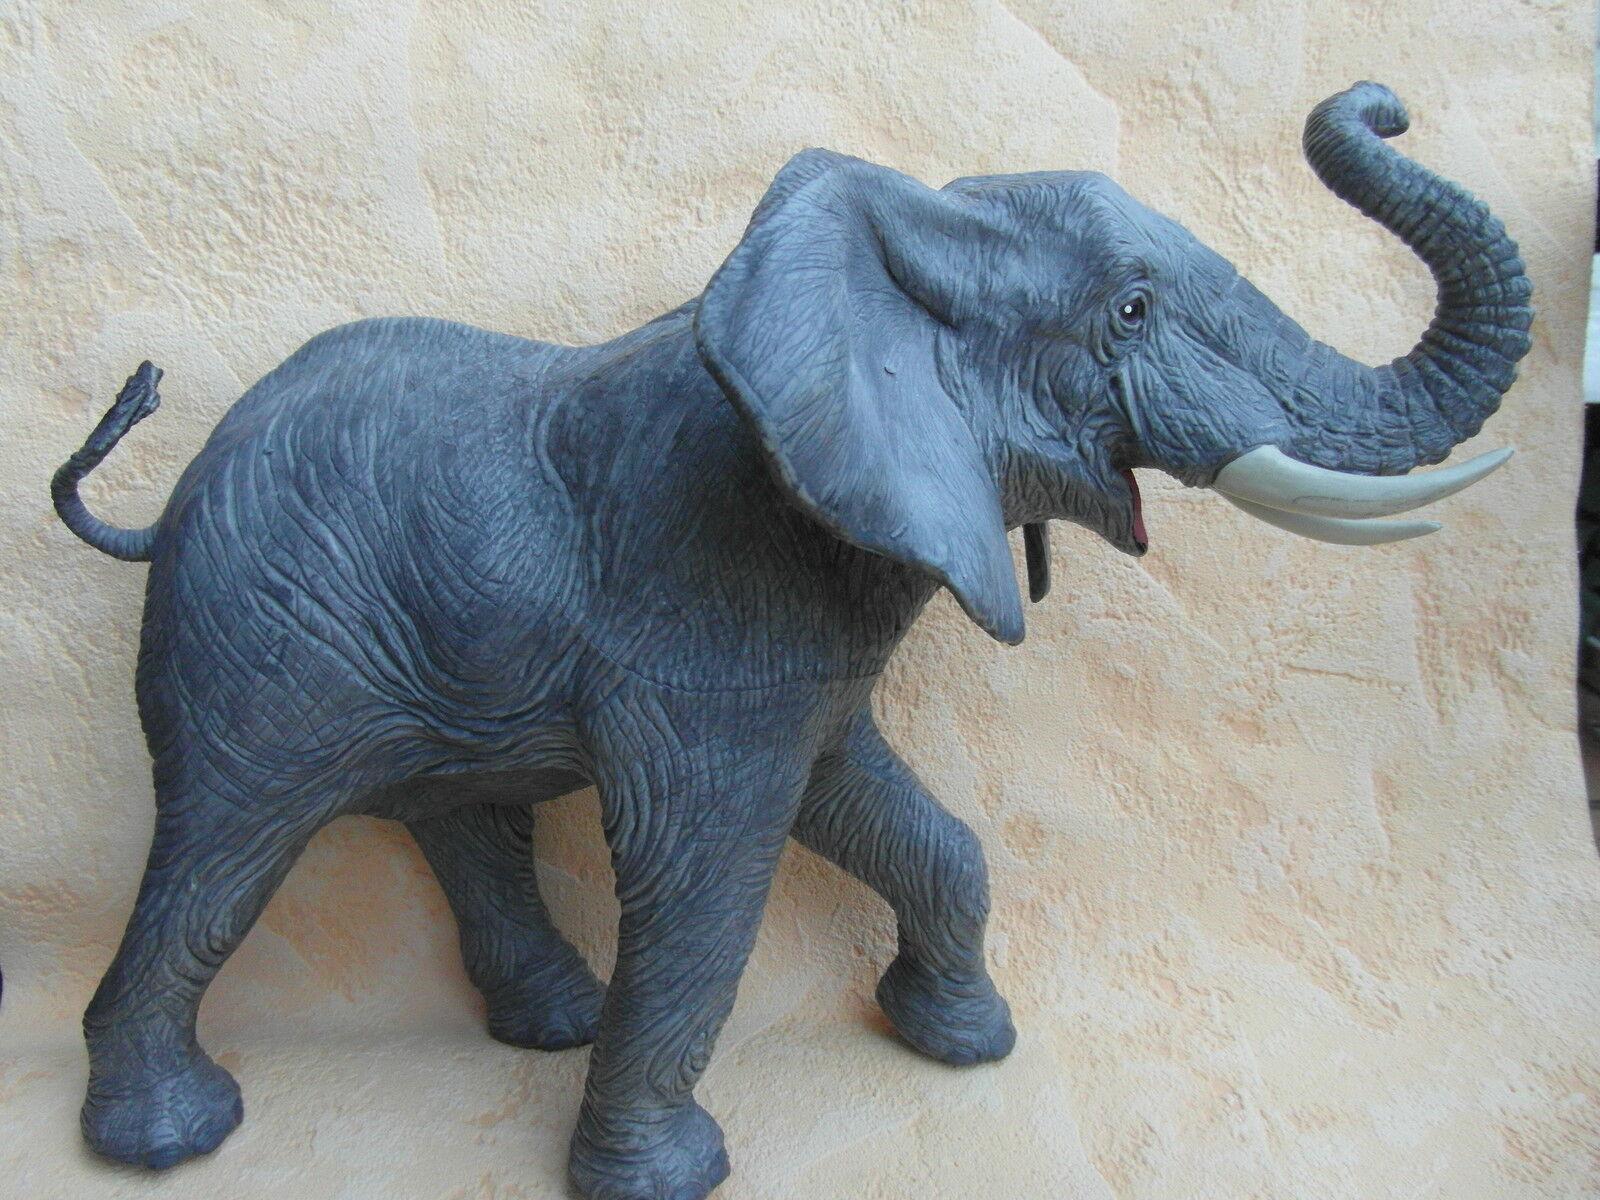 salida de fábrica Schleich Vanishing Vanishing Vanishing Wild elefante madre 9090-03 sobre 1300g difícil recibir Top  aquí tiene la última